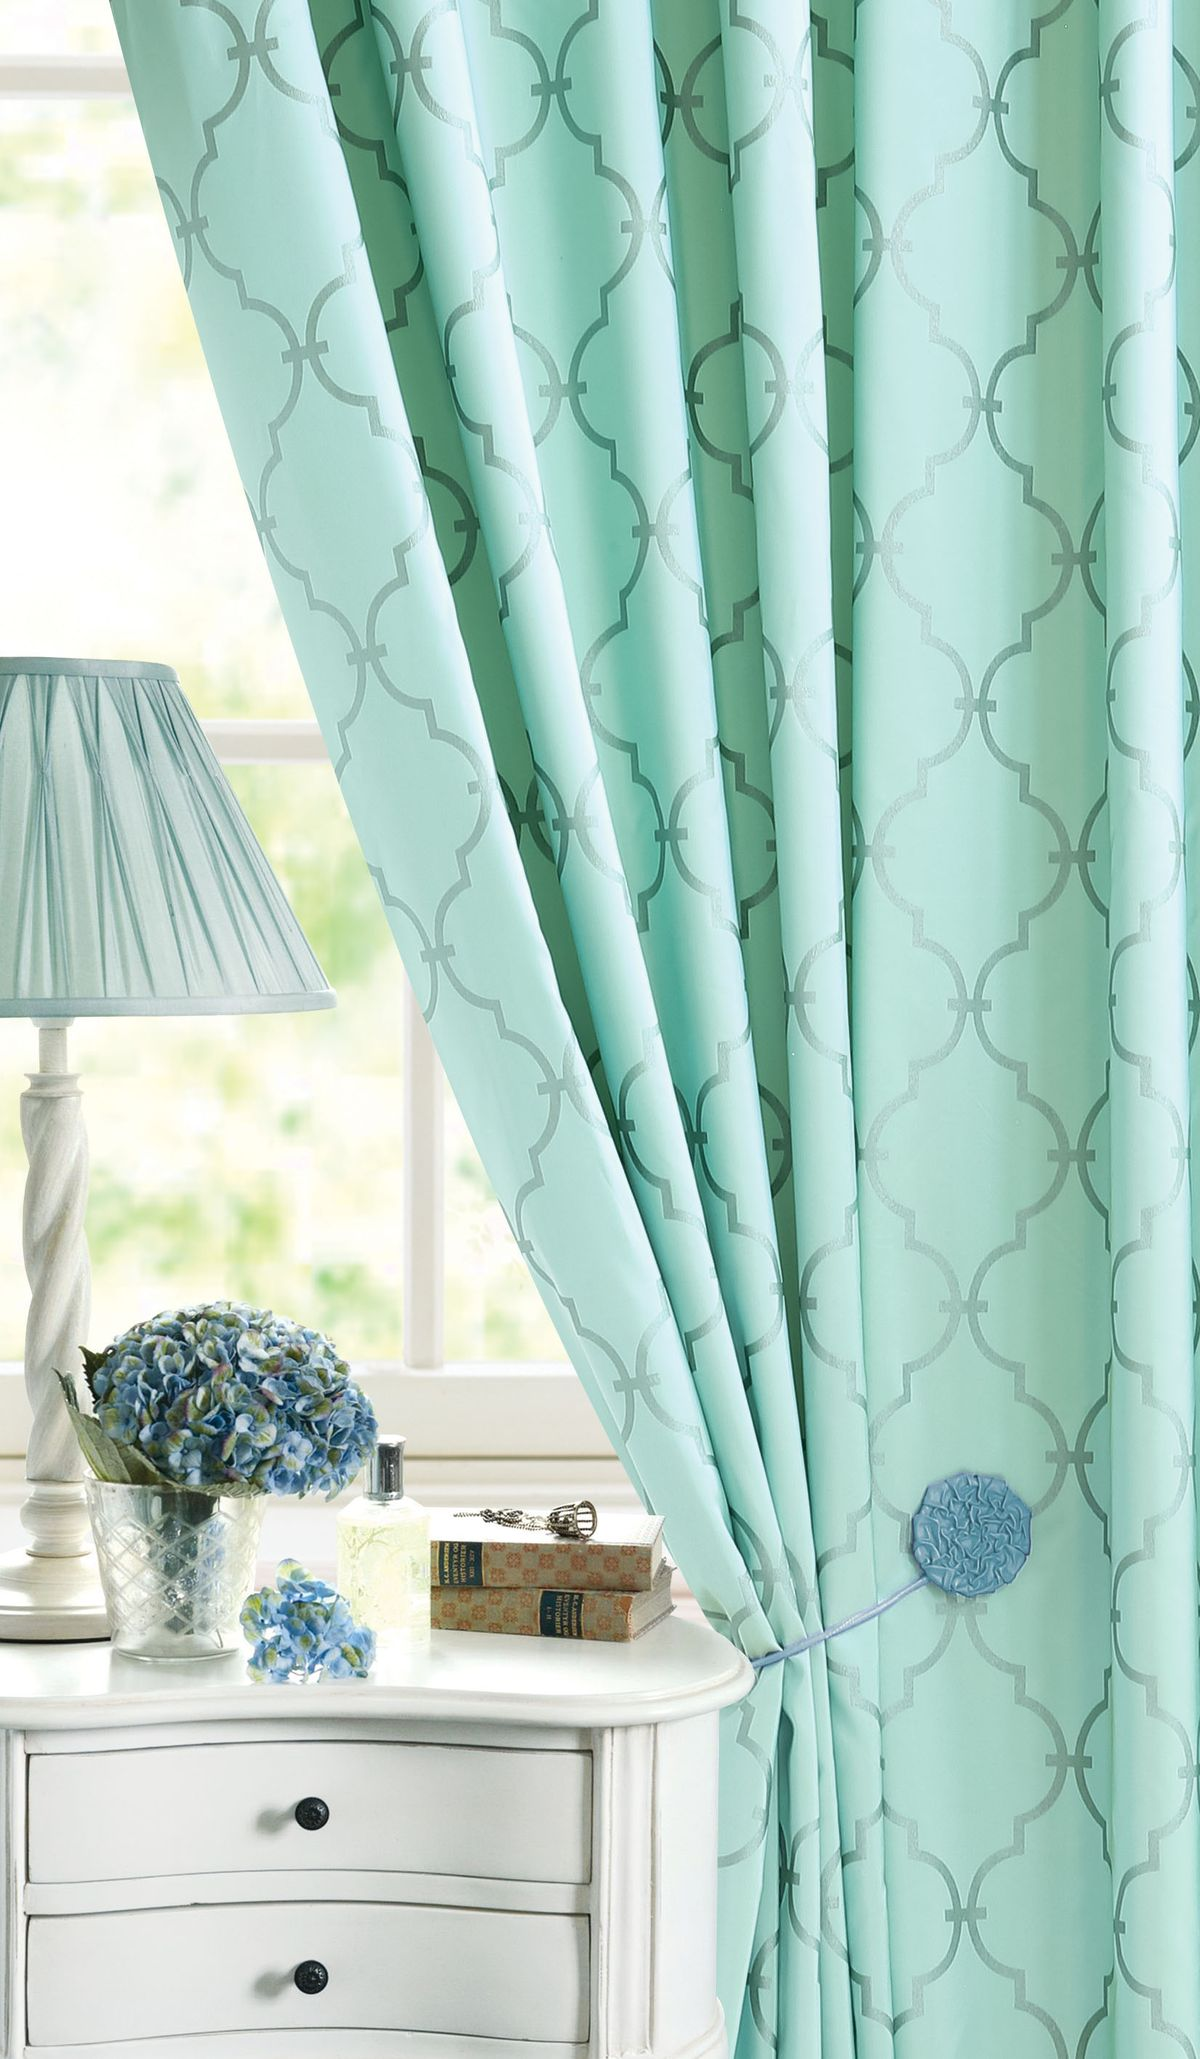 Штора Garden, на ленте, цвет: голубой, высота 260 см. С 1274 - W535072 V26S03301004Изящная штора для гостиной Garden выполнена из ткани с оригинальной структурой. Приятная текстура и цвет штор привлекут к себе внимание и органично впишутся в интерьер помещения. Штора крепится на карниз при помощи ленты, которая поможет красиво и равномерно задрапировать верх.